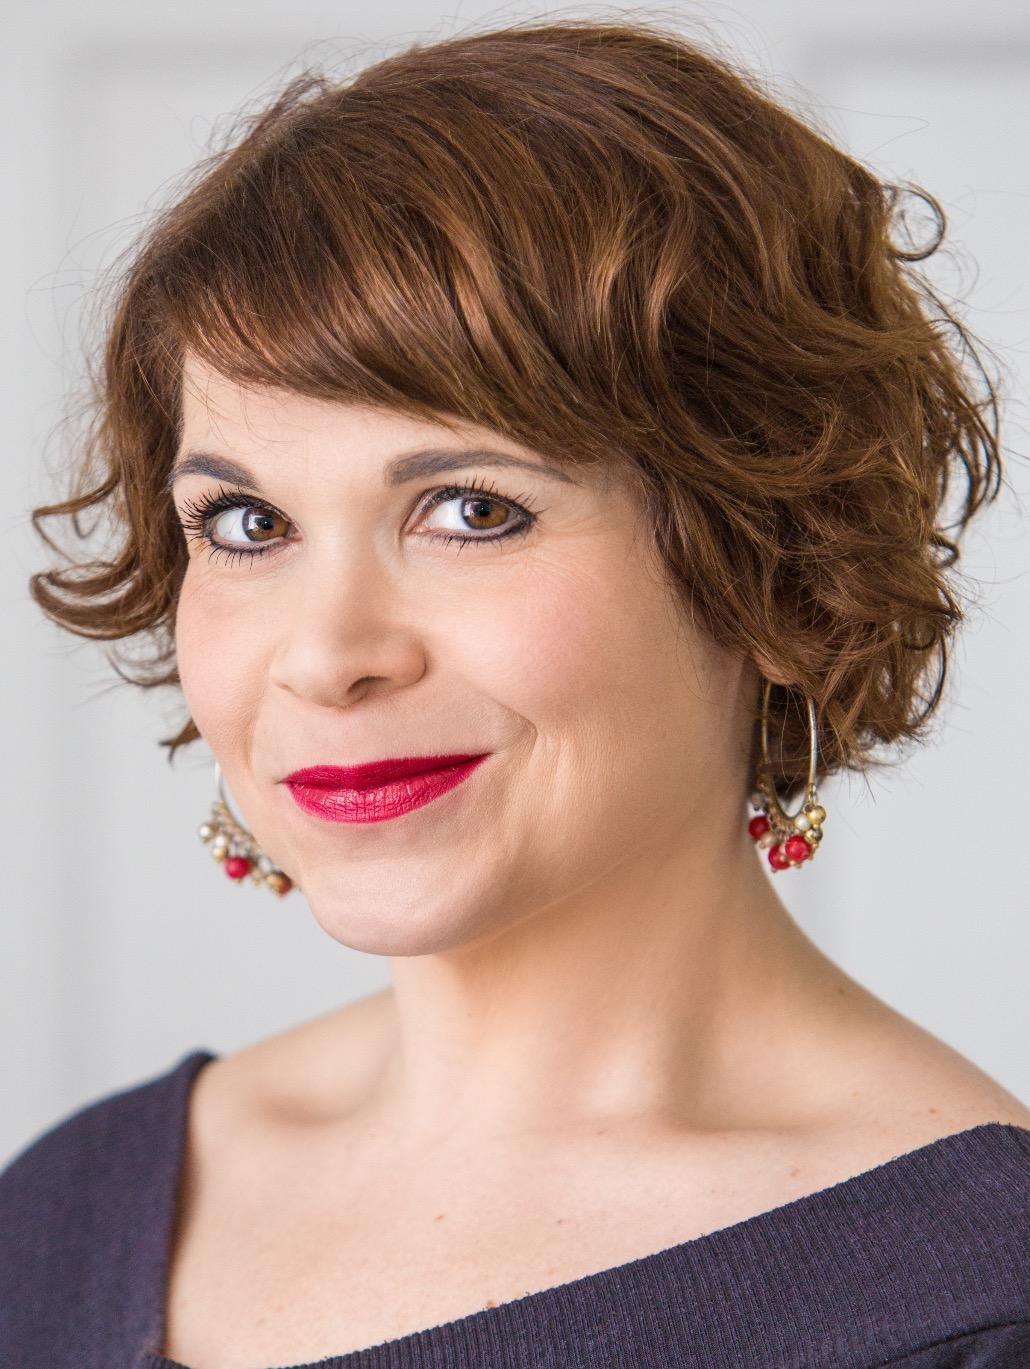 Debbie Chazen fleur fanshawe